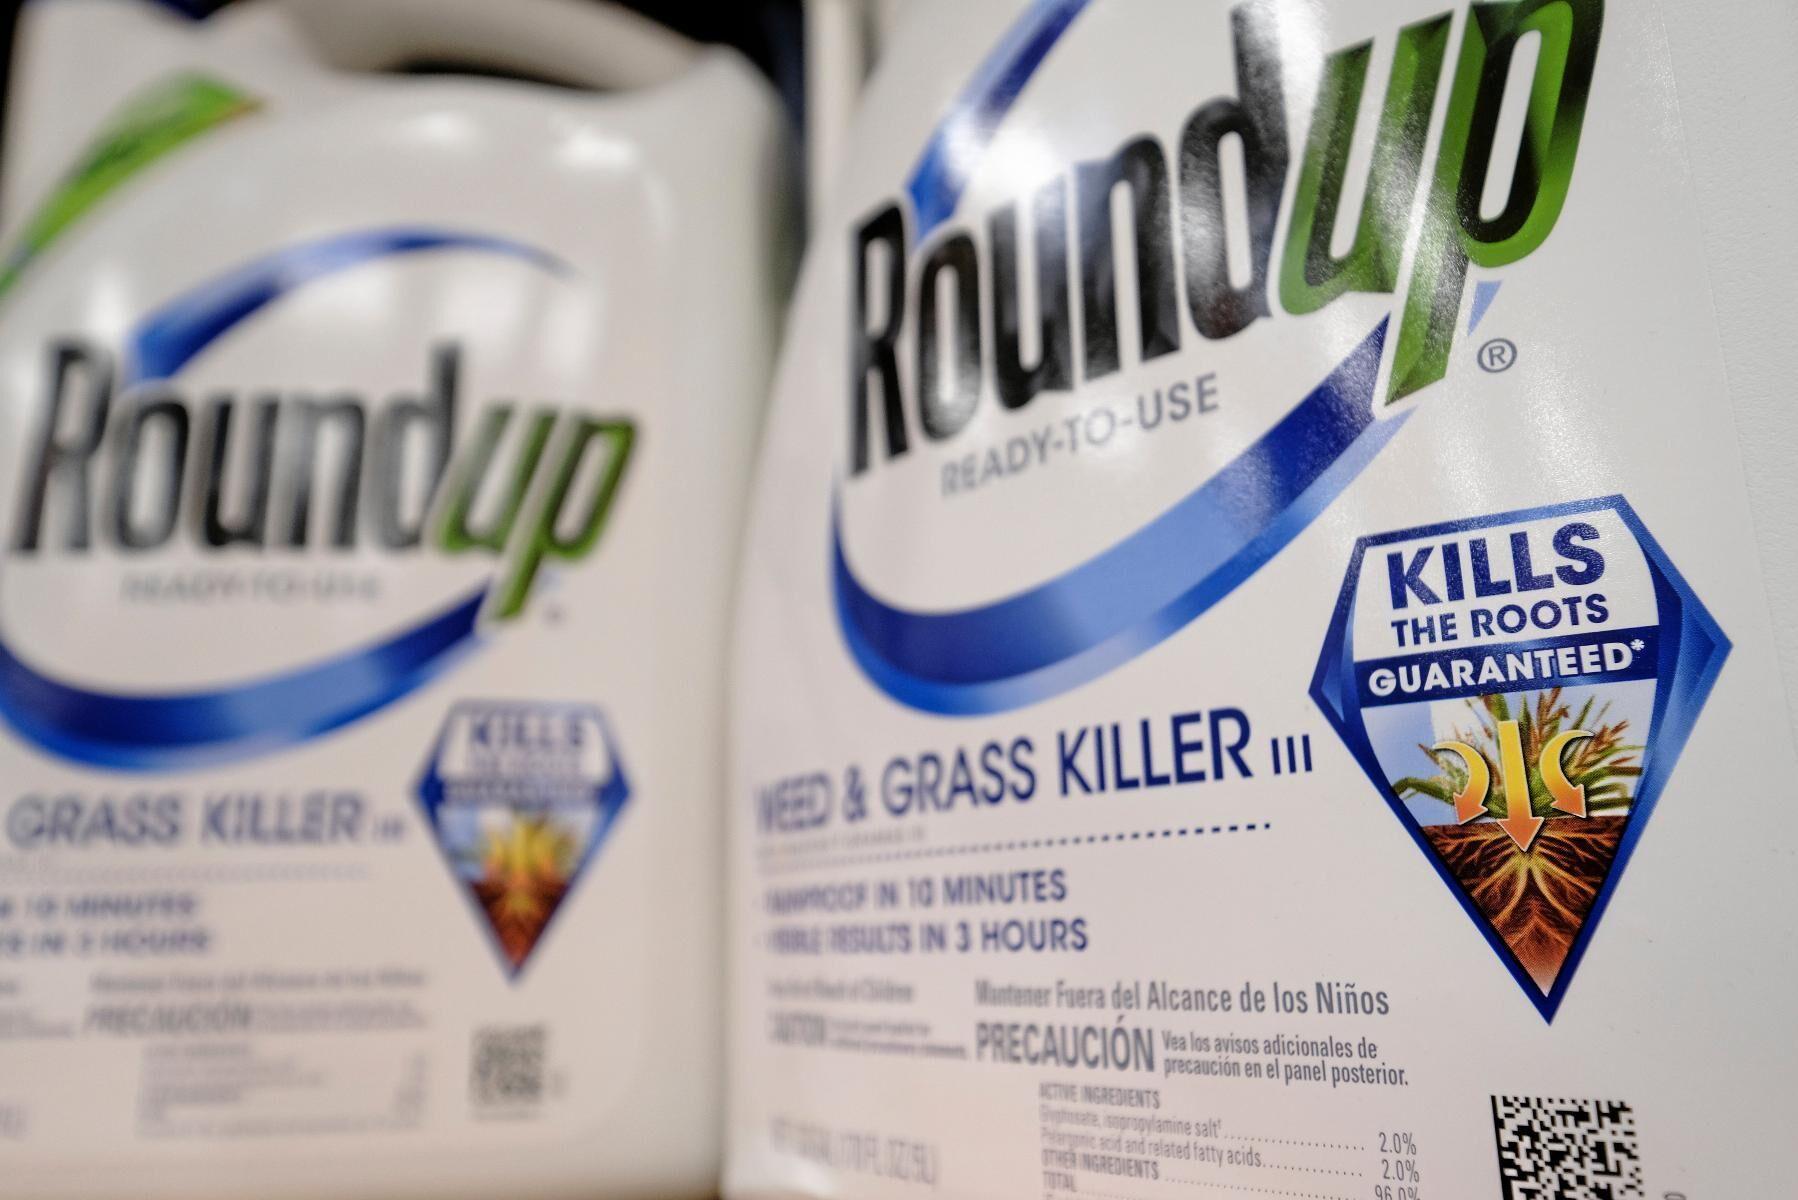 Forskning från USA har funnit tecken på att Roundup är potentiellt giftigare för mänskliga celler än själva substansen glyfosat.